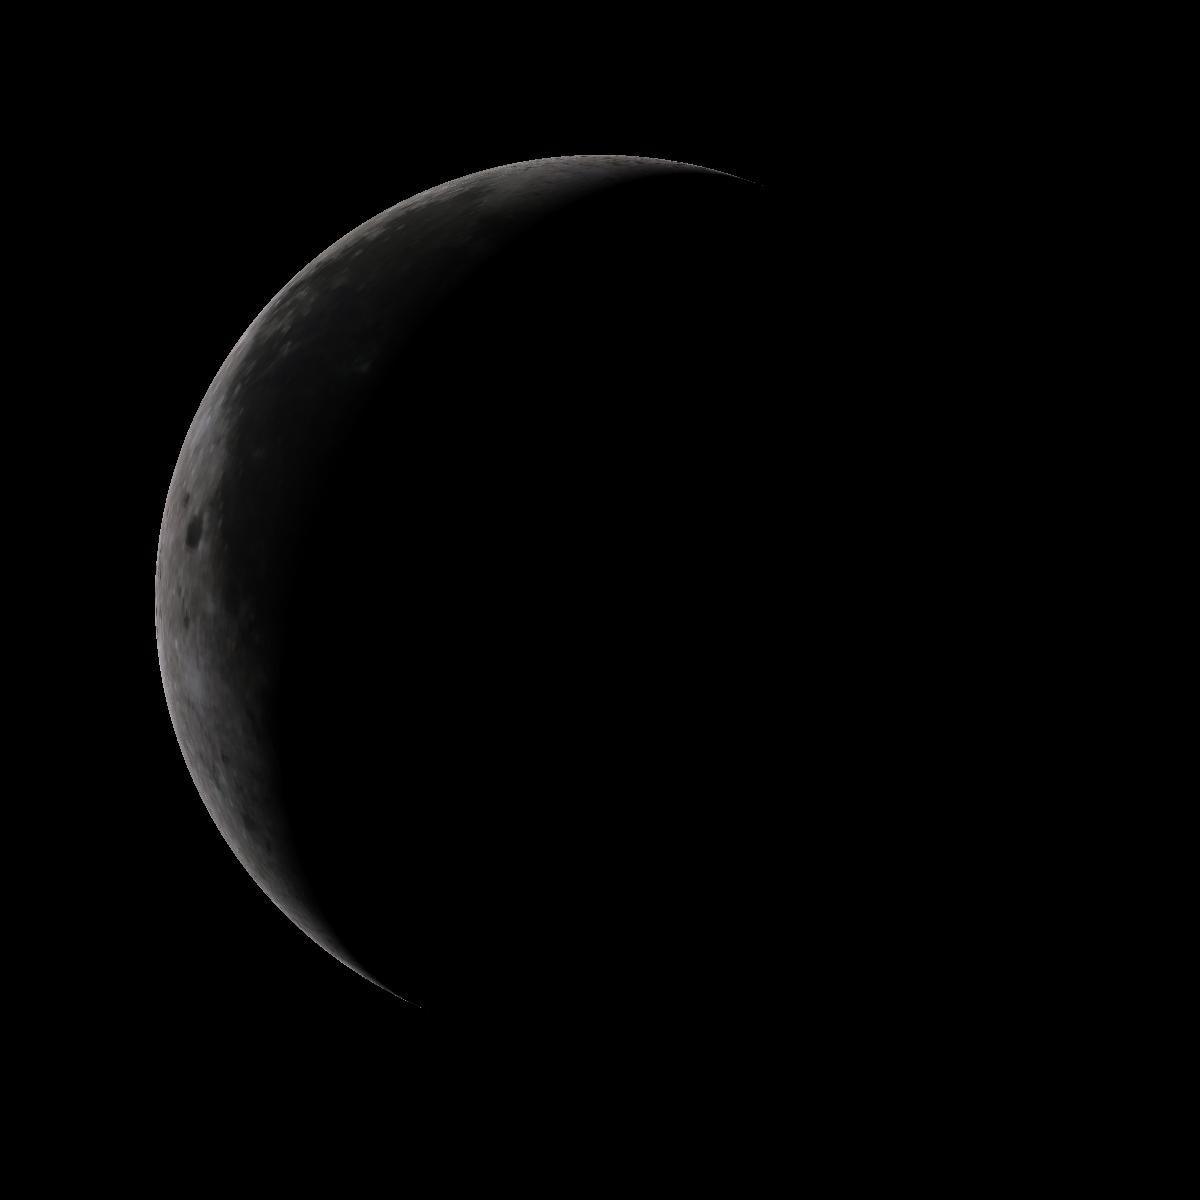 Lune du 17 juin 2020